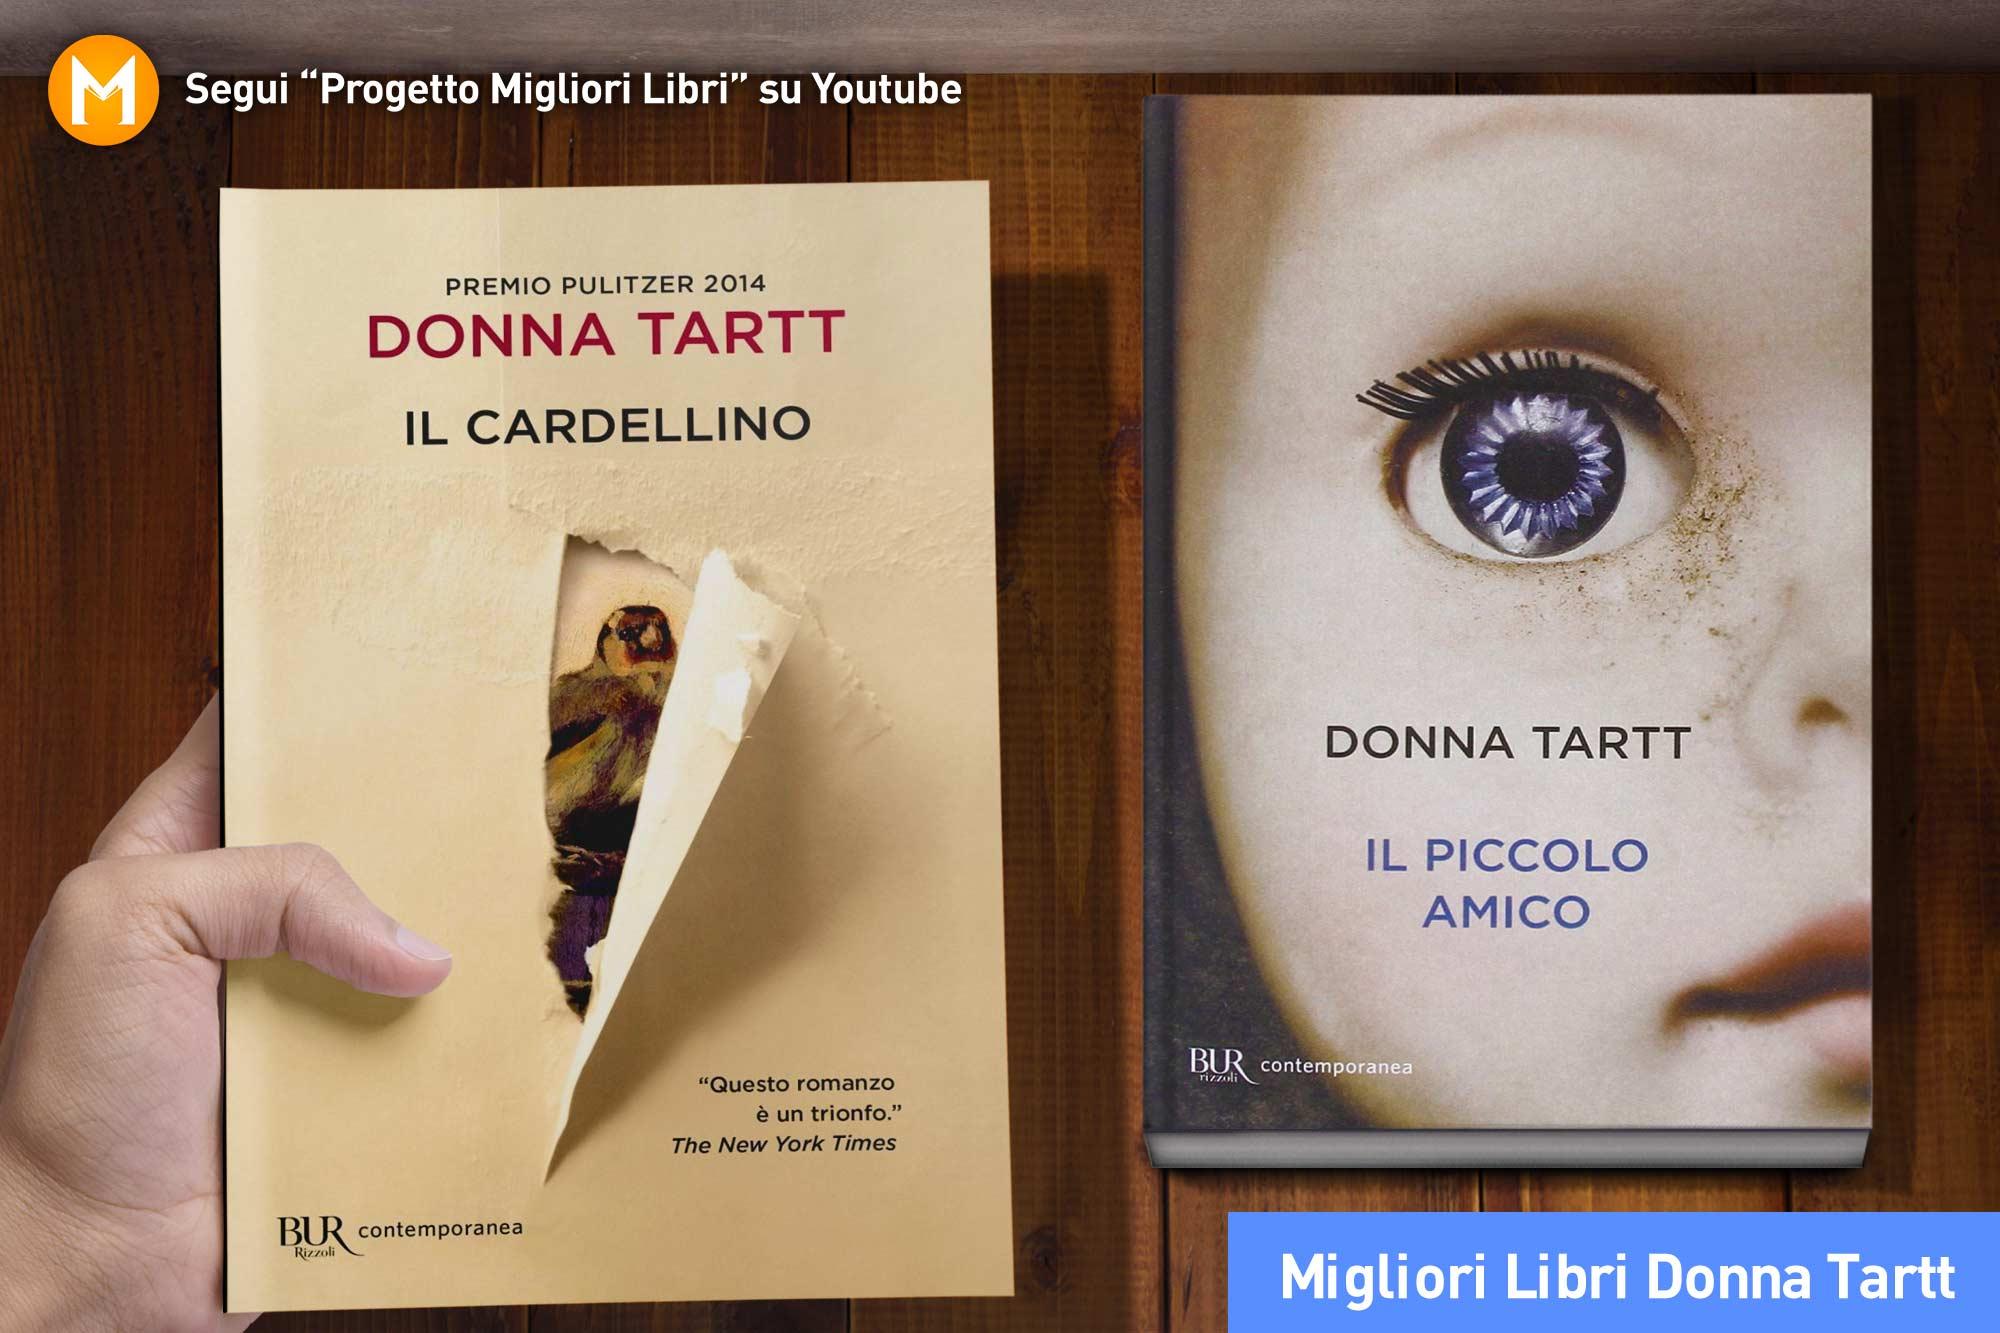 migliori-libri-donna-tartt